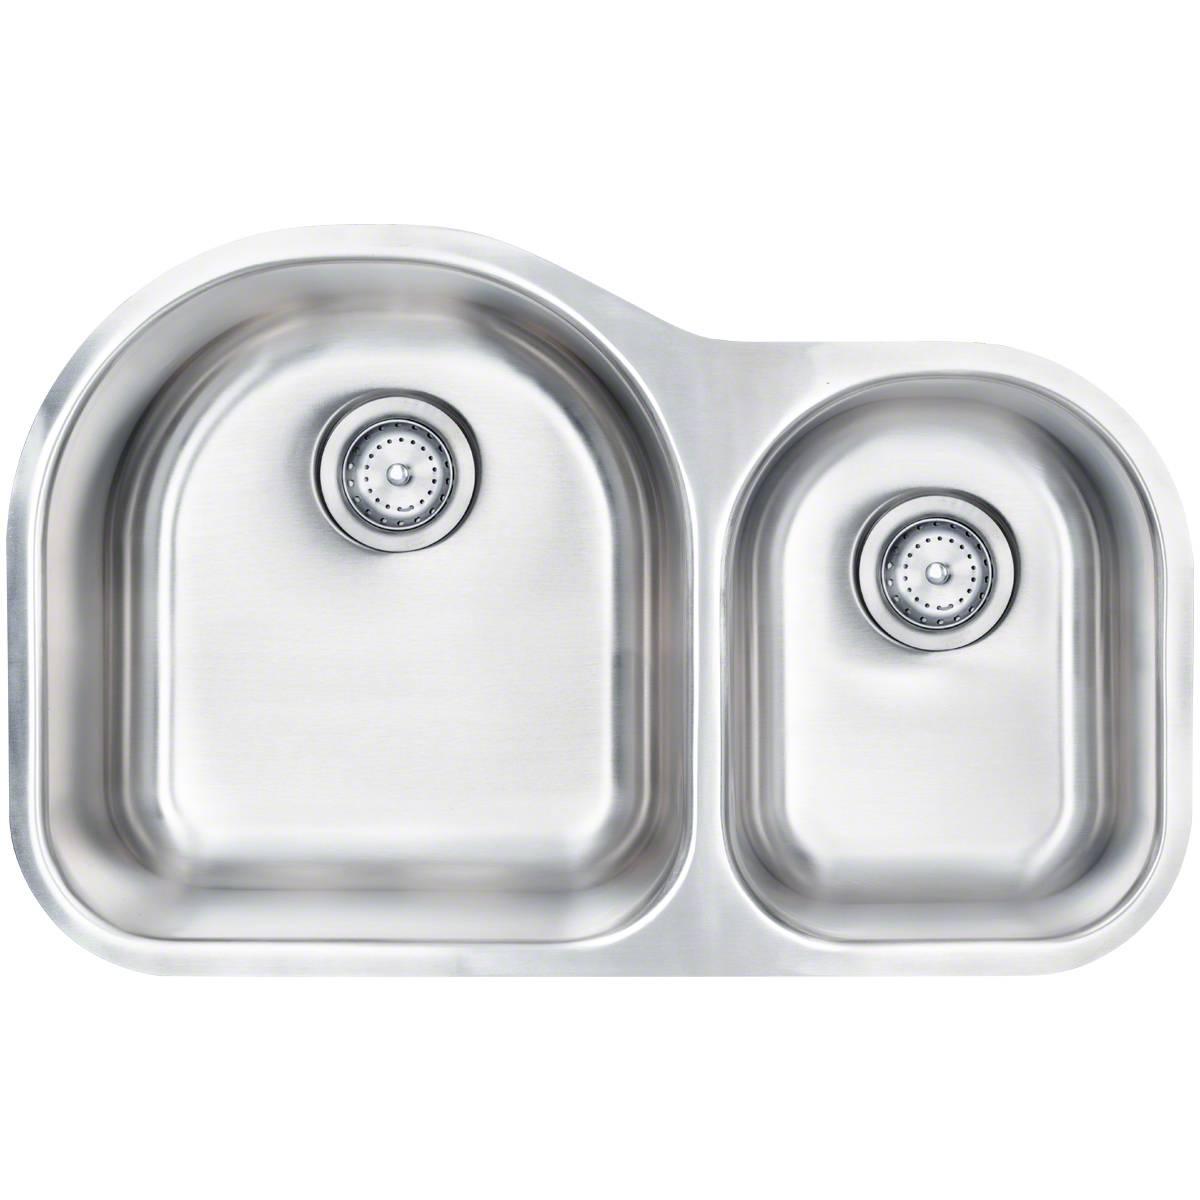 Sinks -ss-18-gau-double-bowl-60-40-3120-SIN-18-DBLBWL-6040-3120